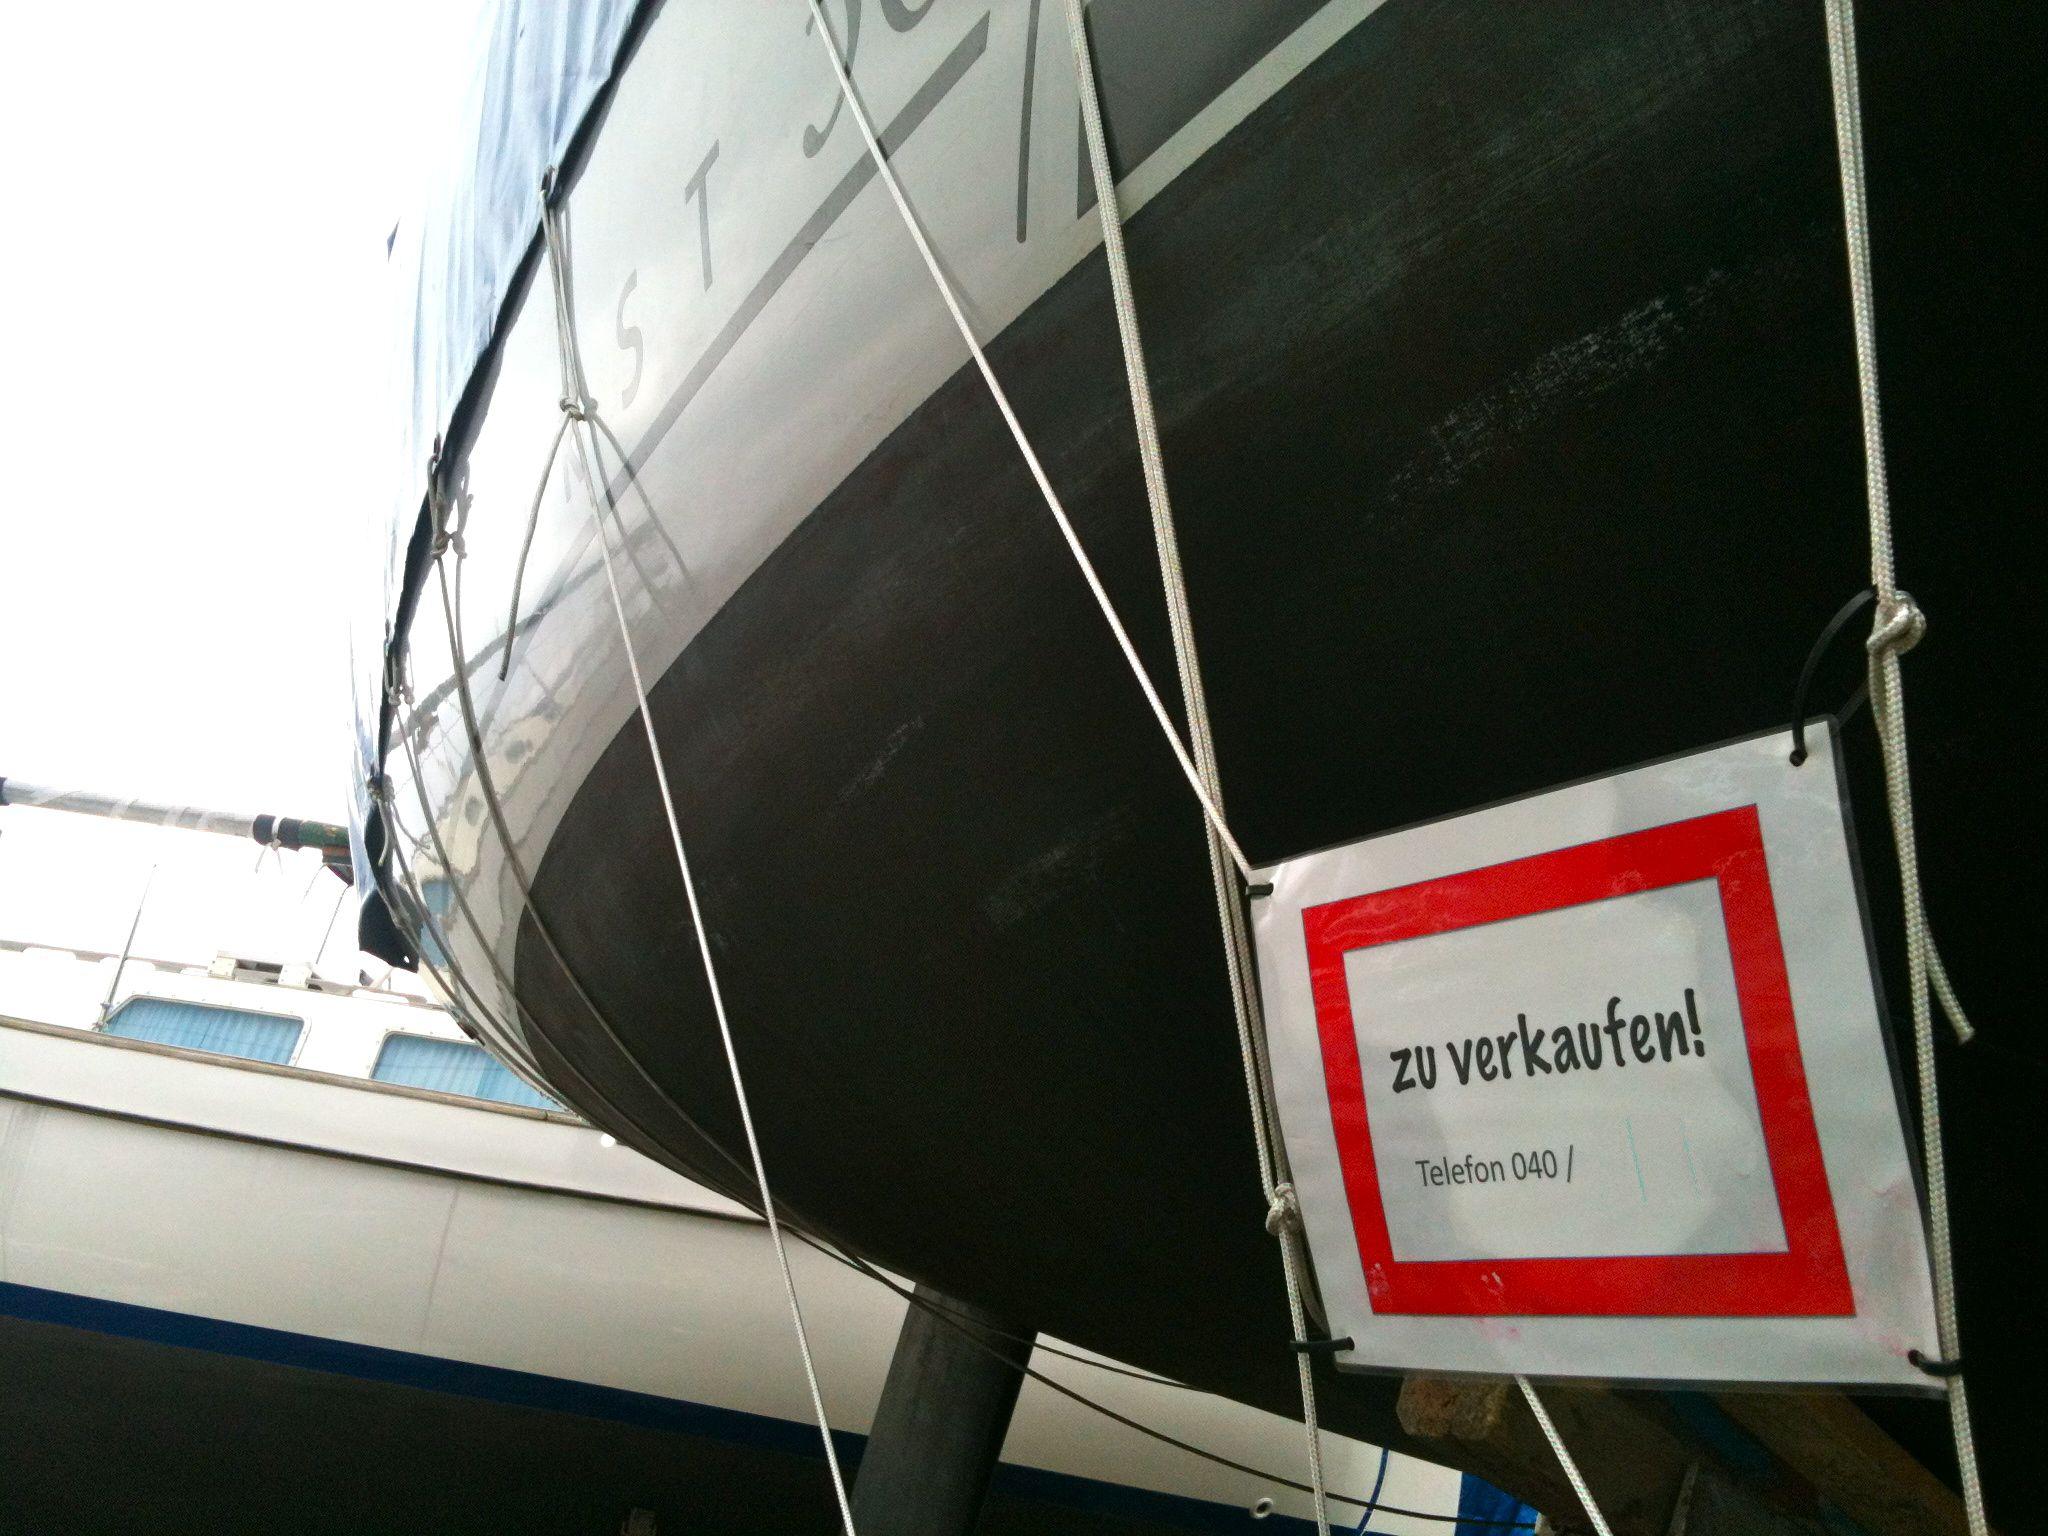 Die Wahrheit steckt beim kauf eines Gebrauchtbootes immer unter der Plane. Foto: Dieter Loibner/boats.com